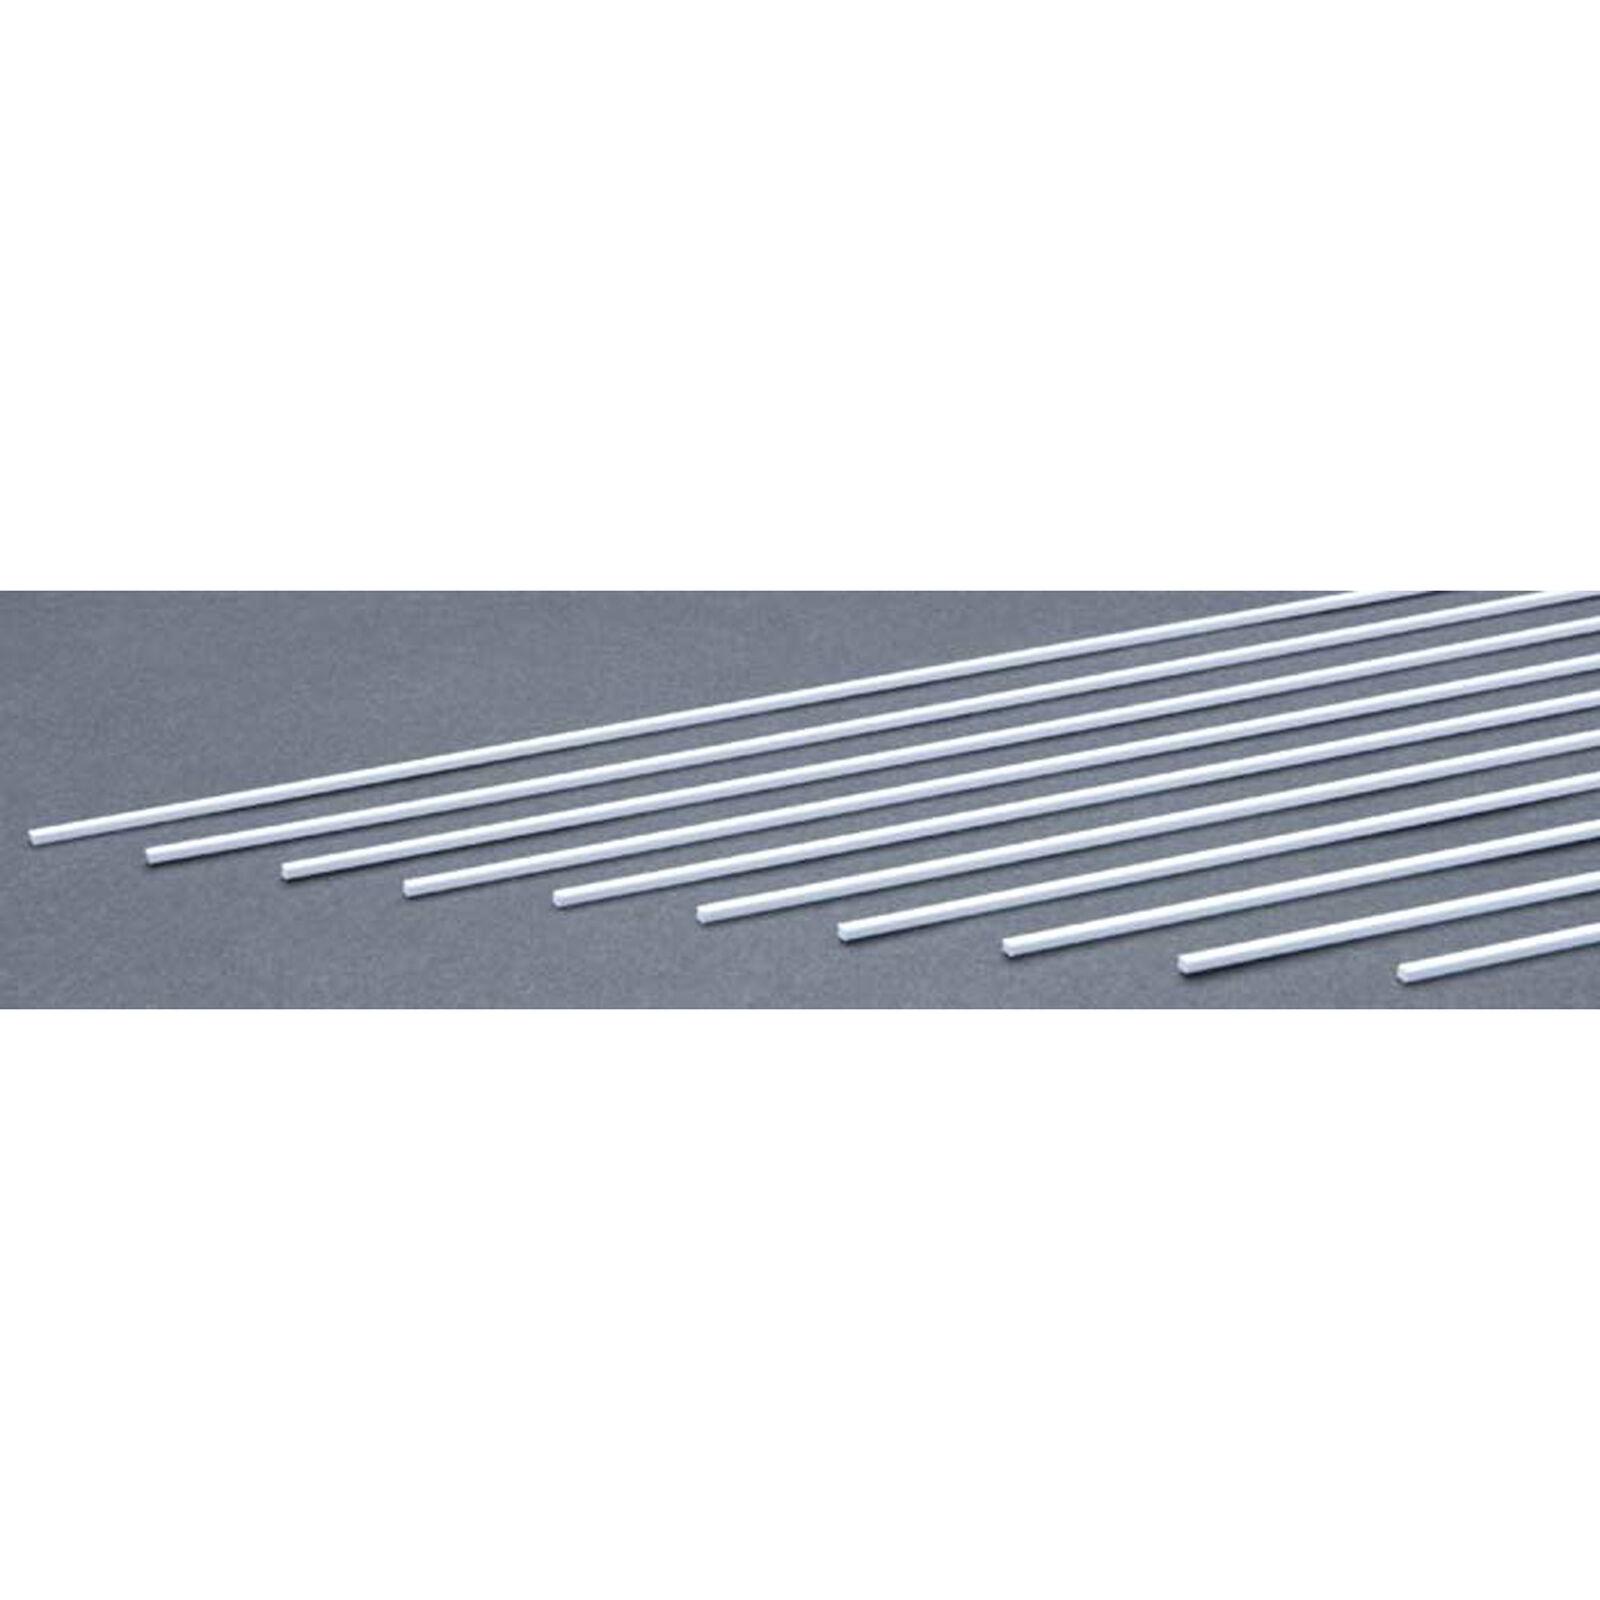 Strip .060 x .080 (10)